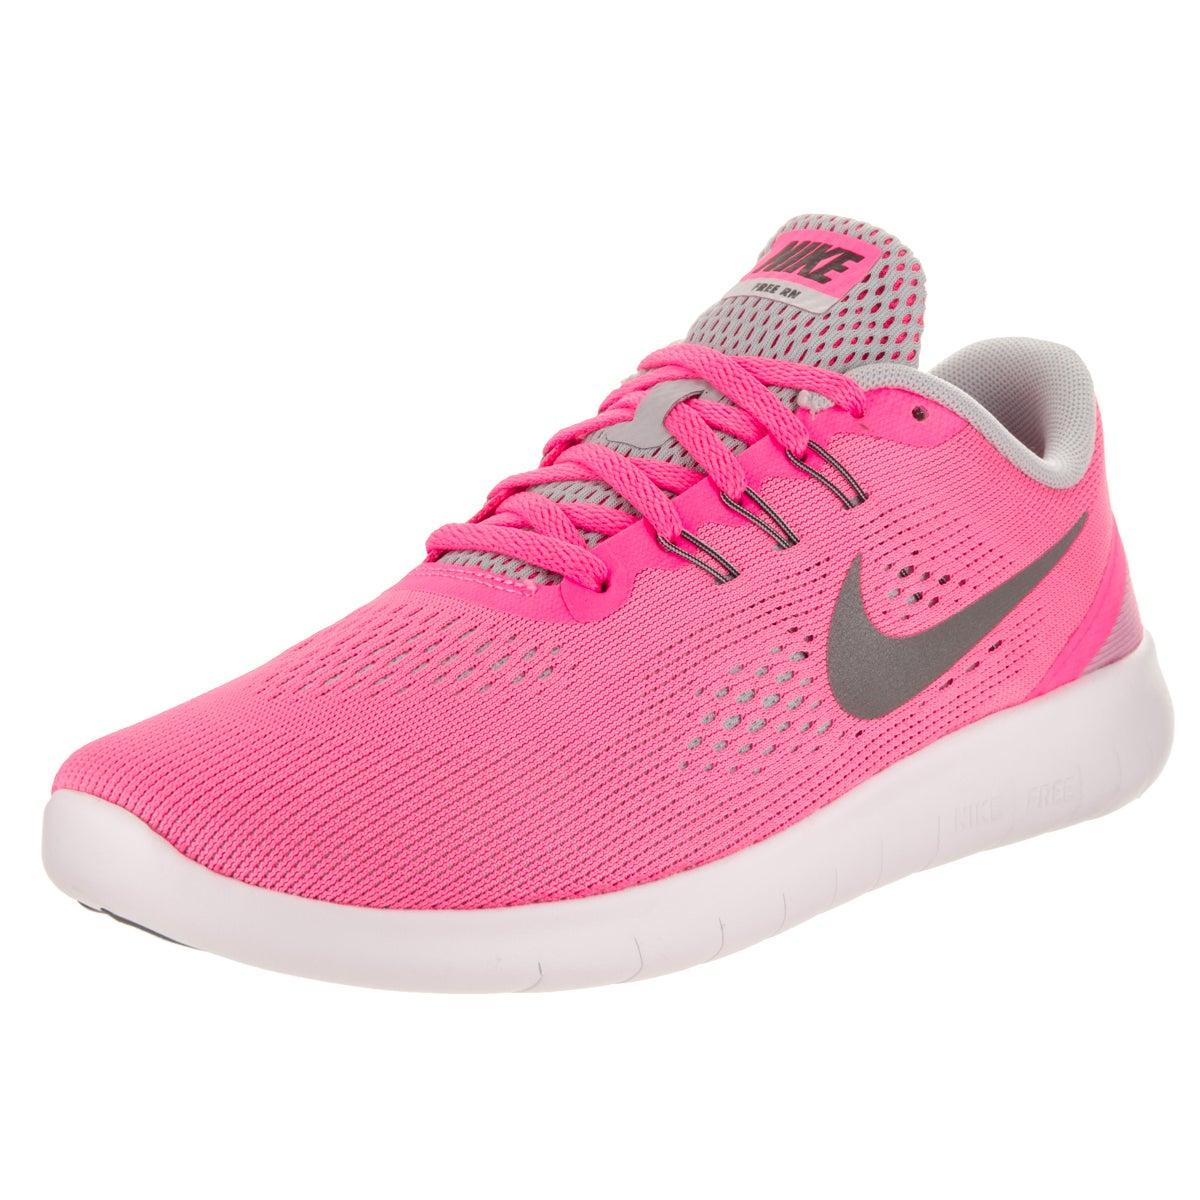 Nike Kids' Free Rn (GS) Running Shoes (5.5), Boy's, Pink